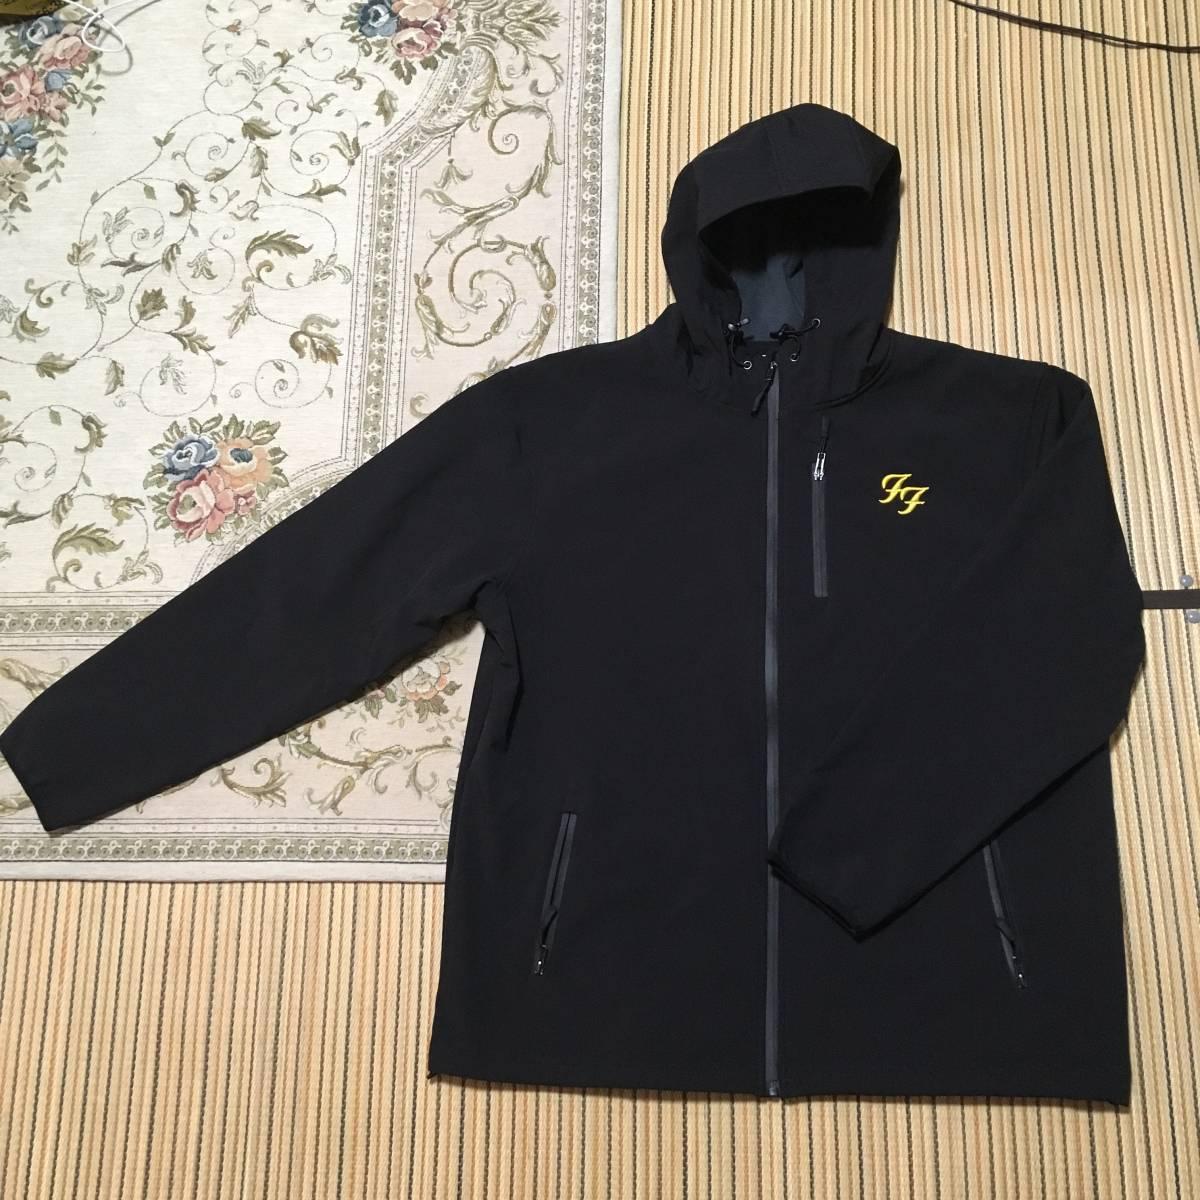 新品 FOO FIGHTERS The Soft Shell Embroidered Jacket XL 実質XXL 1円スタート the north face patagonia ユニクロ nirvana フーファイ